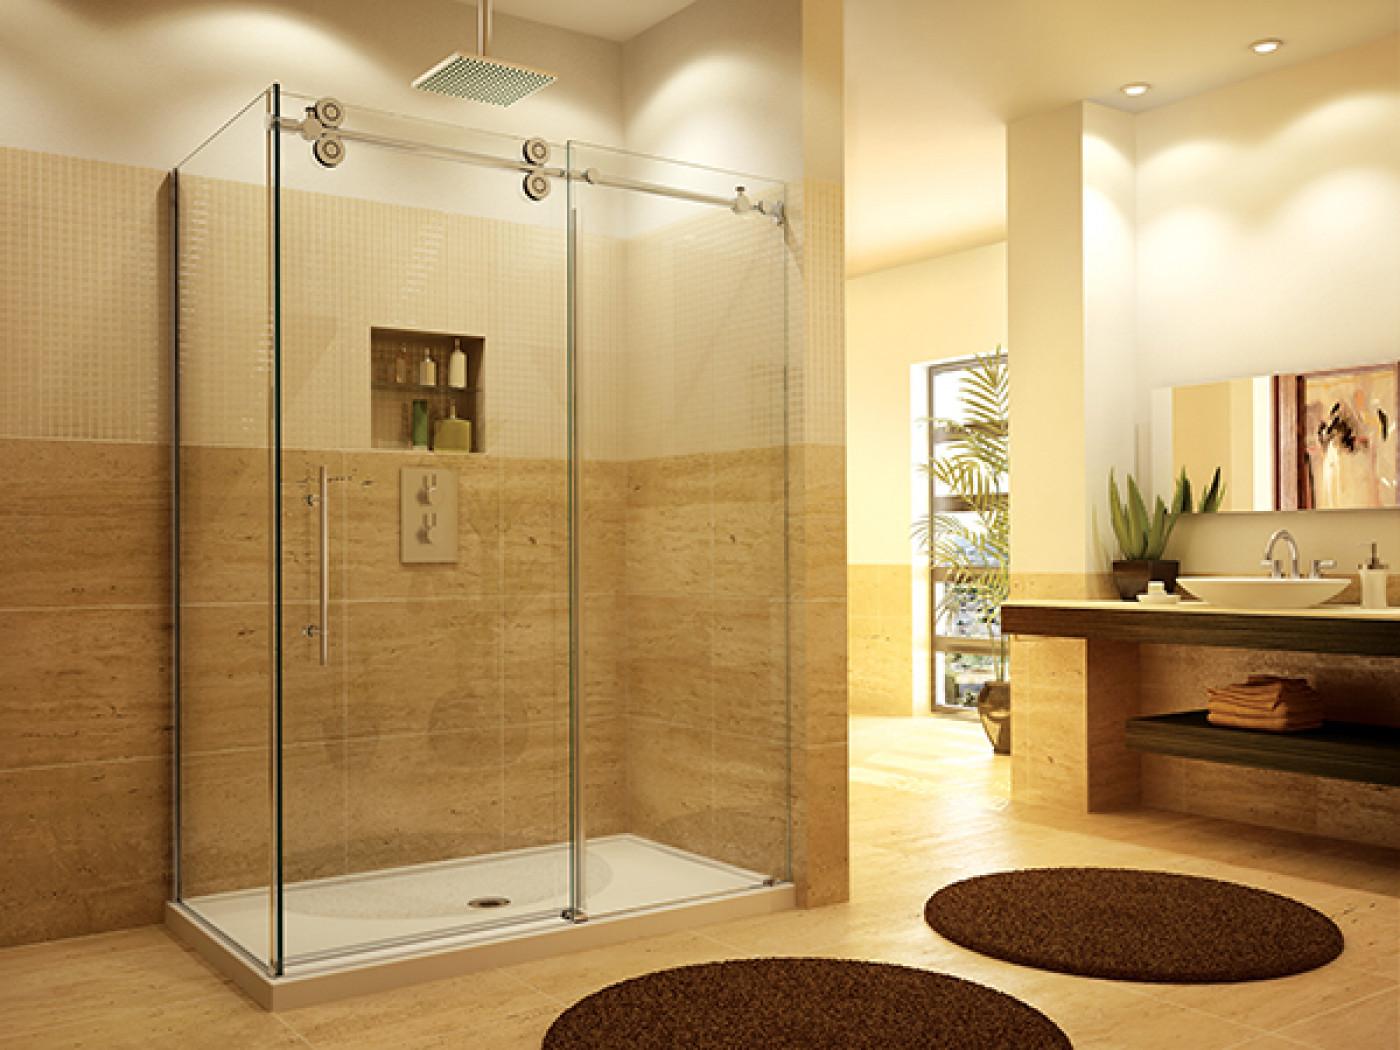 Bathroom Remodel Complete Trustdale Blog